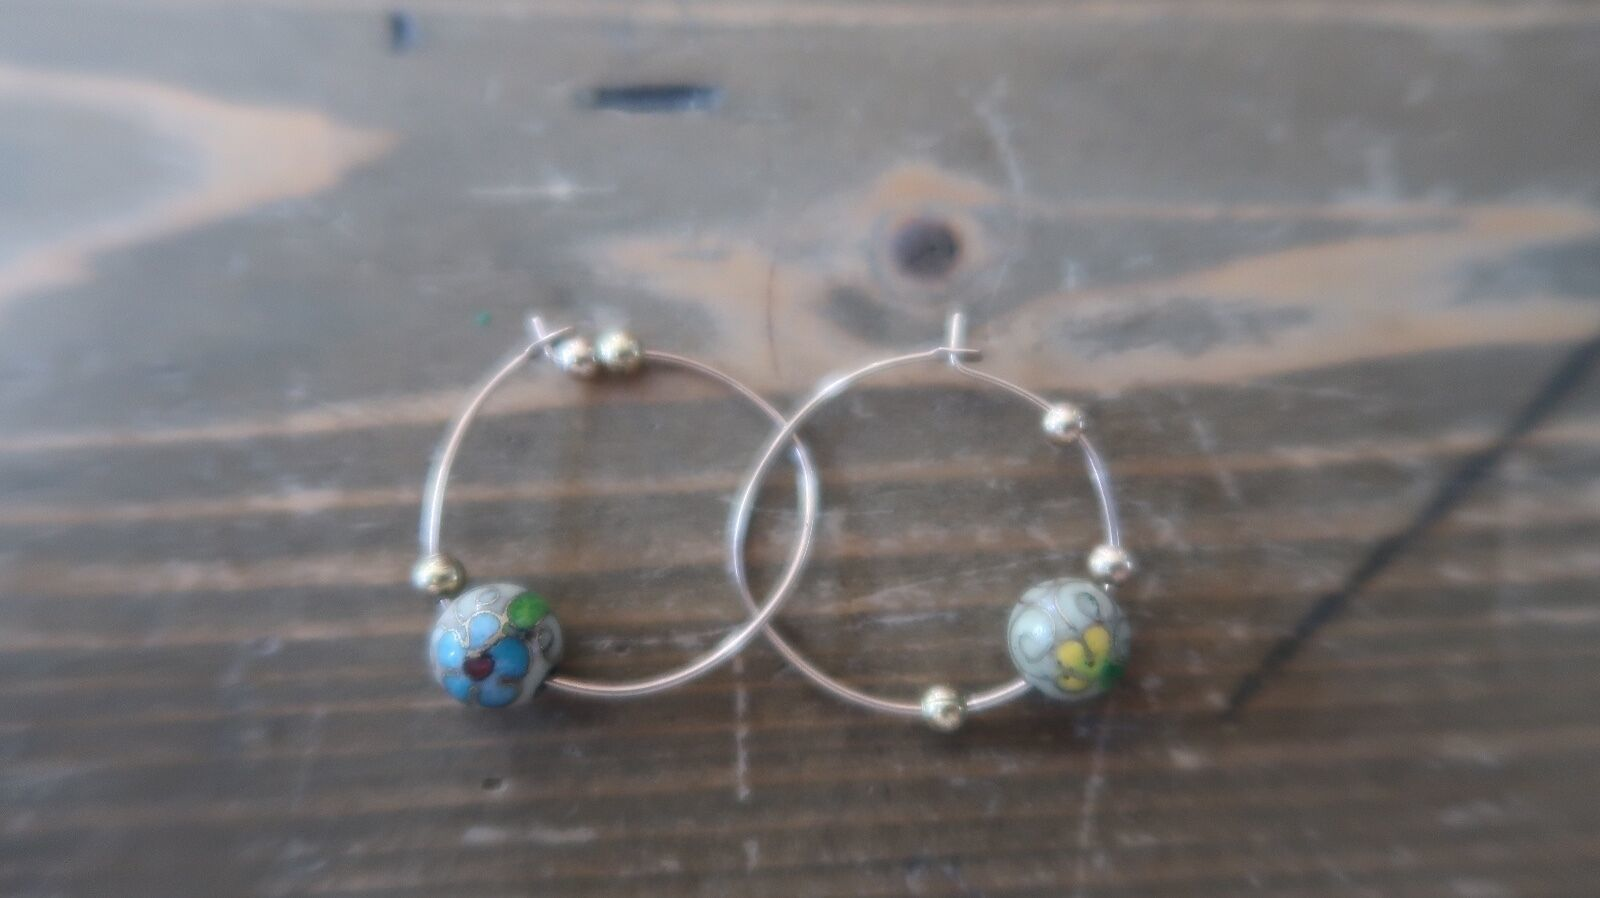 2.5 cm Cloissone Enamel Flower Bead Hoop Earrings - $5.93